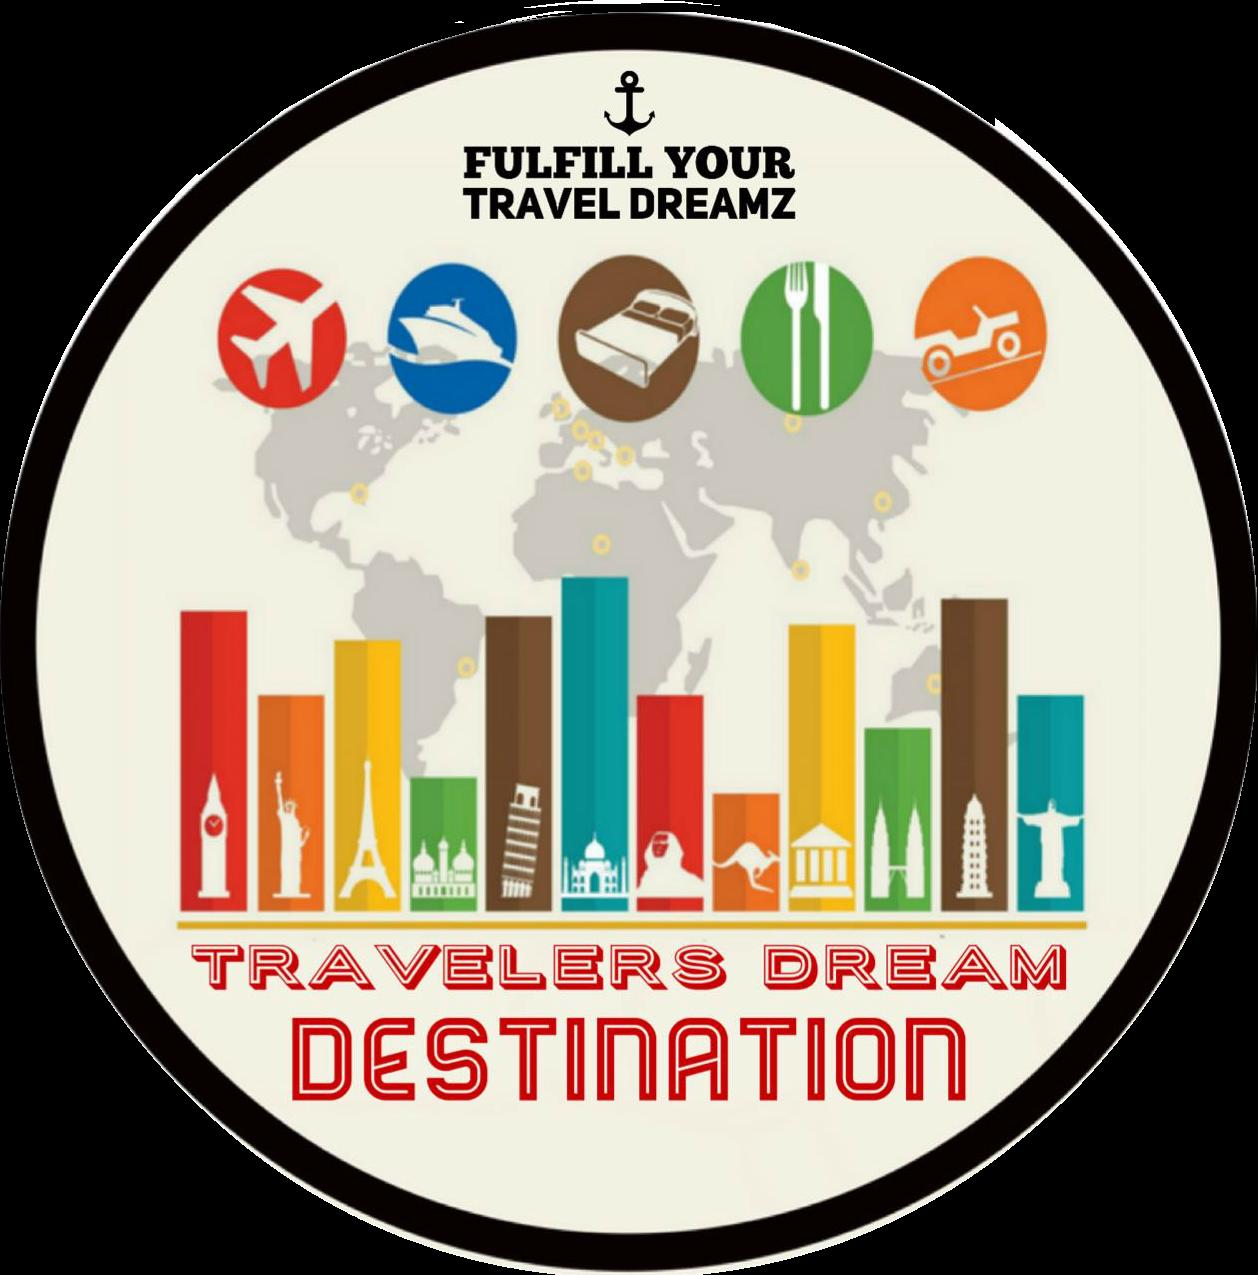 Travelers Dream Destination Sdn Bhd